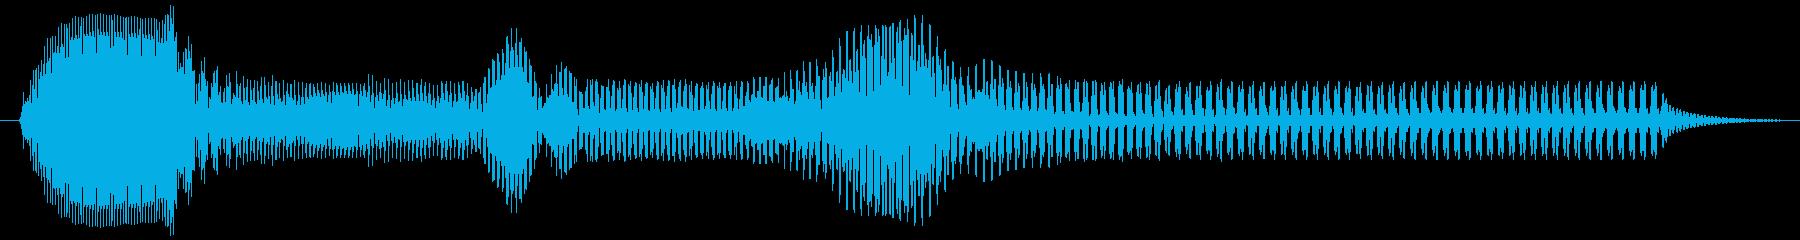 ピュゥ。落ちる・下がる・飛んでいく音の再生済みの波形